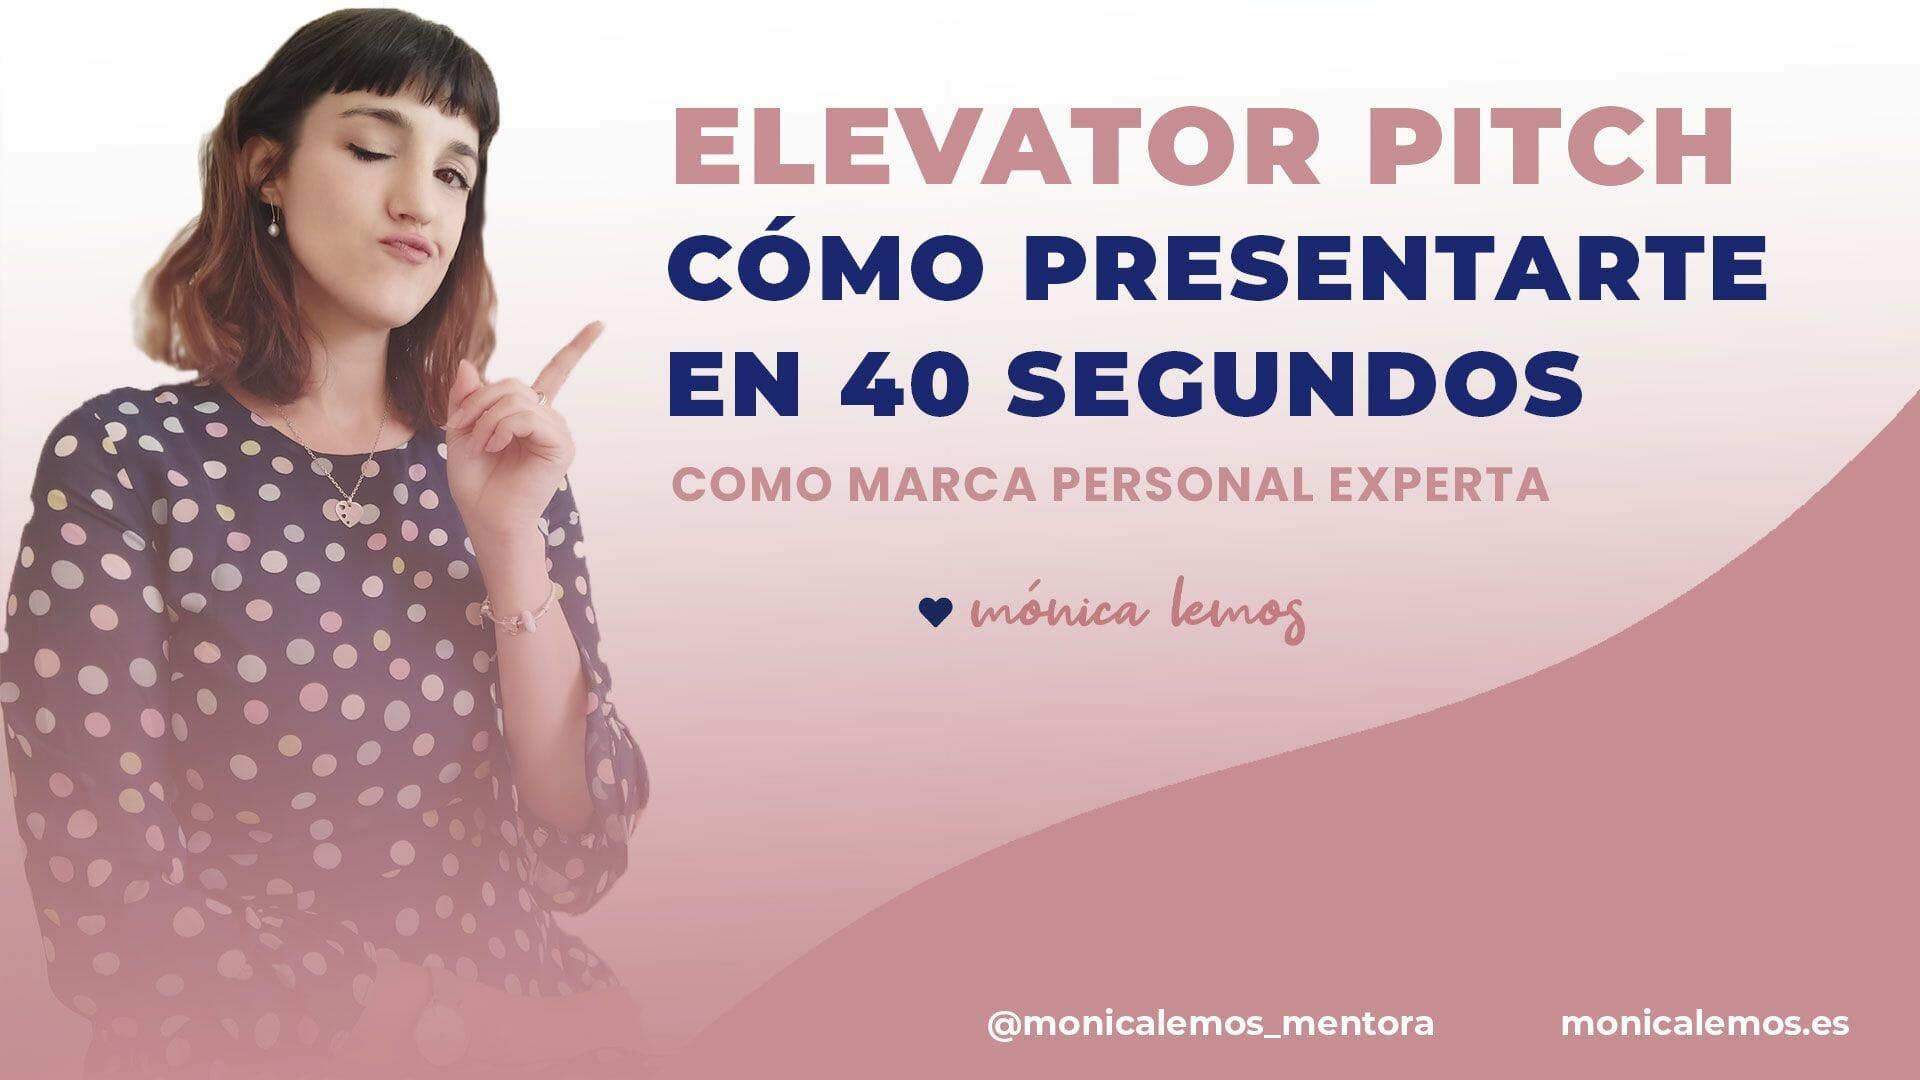 ELEVATOR PITCH O COMO PRESENTARTE EN 40 SEGUNDOS COMO MARCA PERSONAL